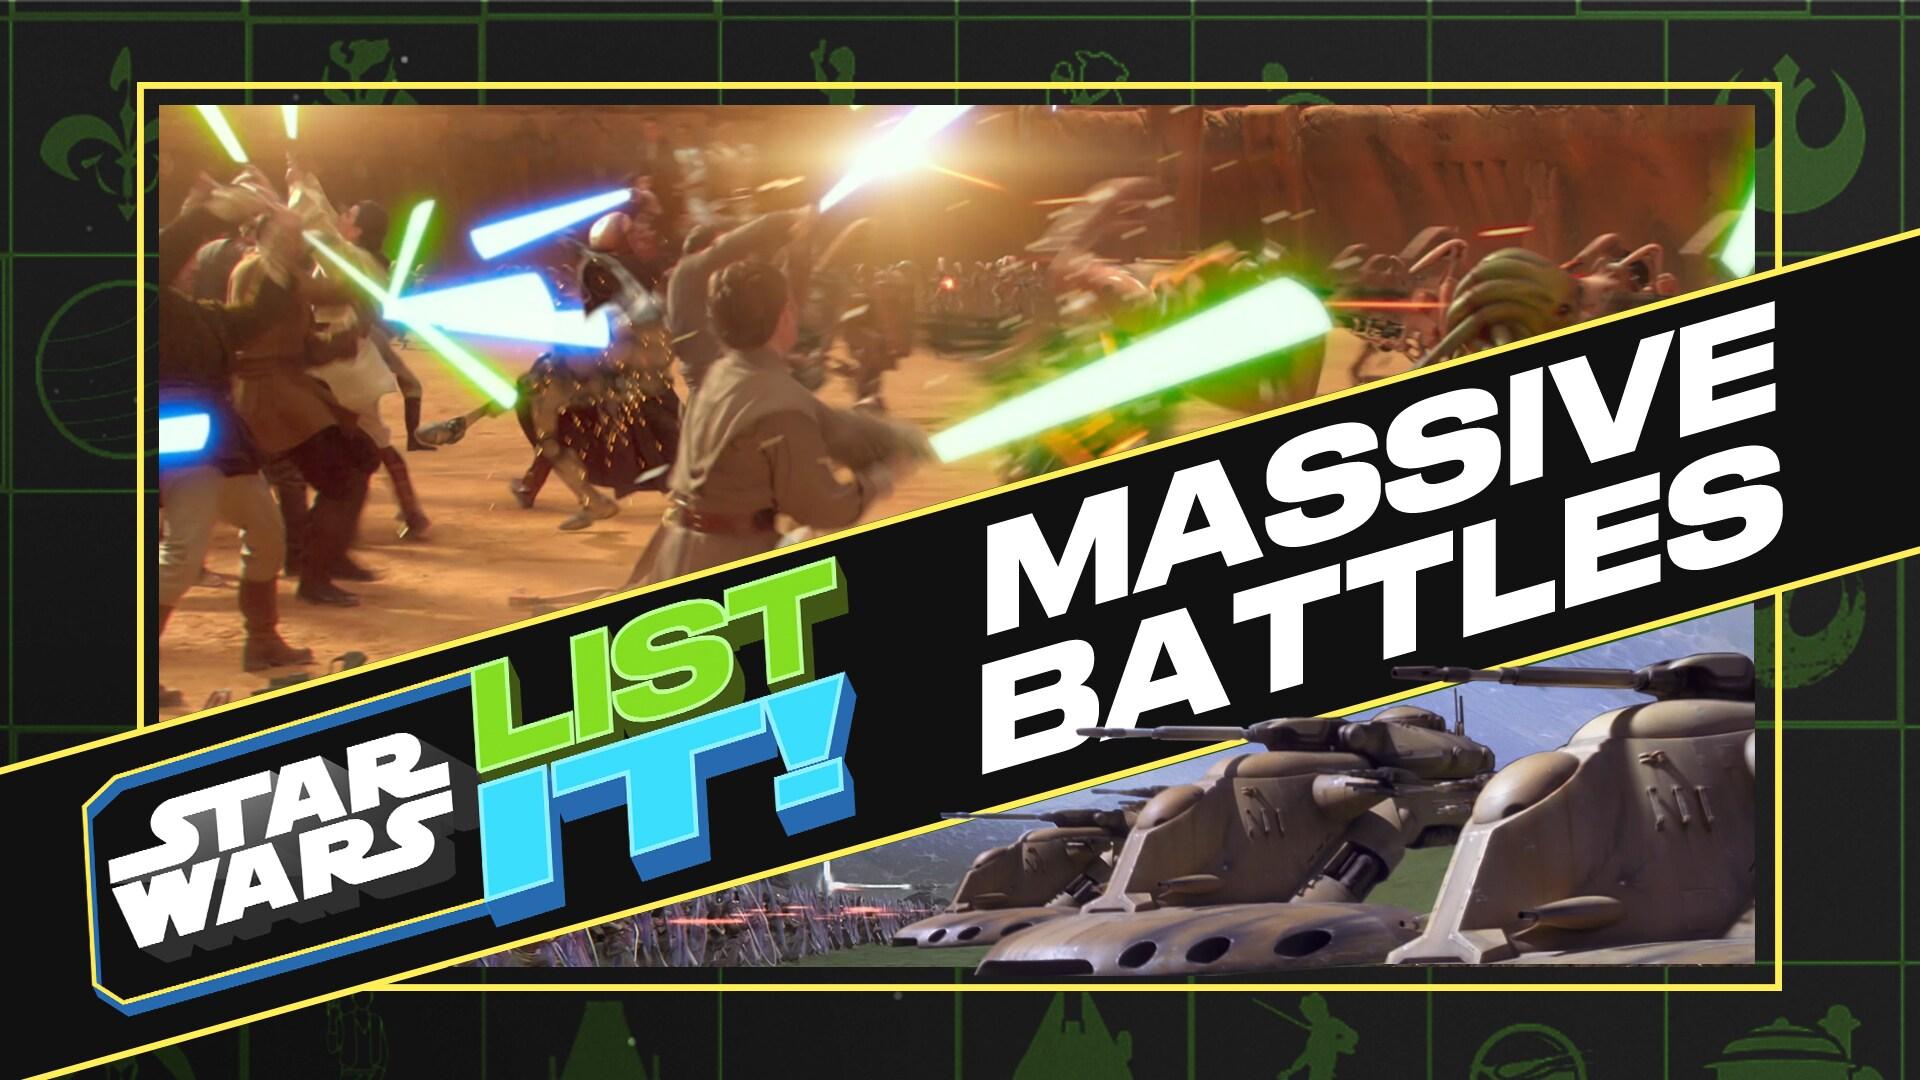 5 Massive Star Wars Battles | Star Wars: List It!